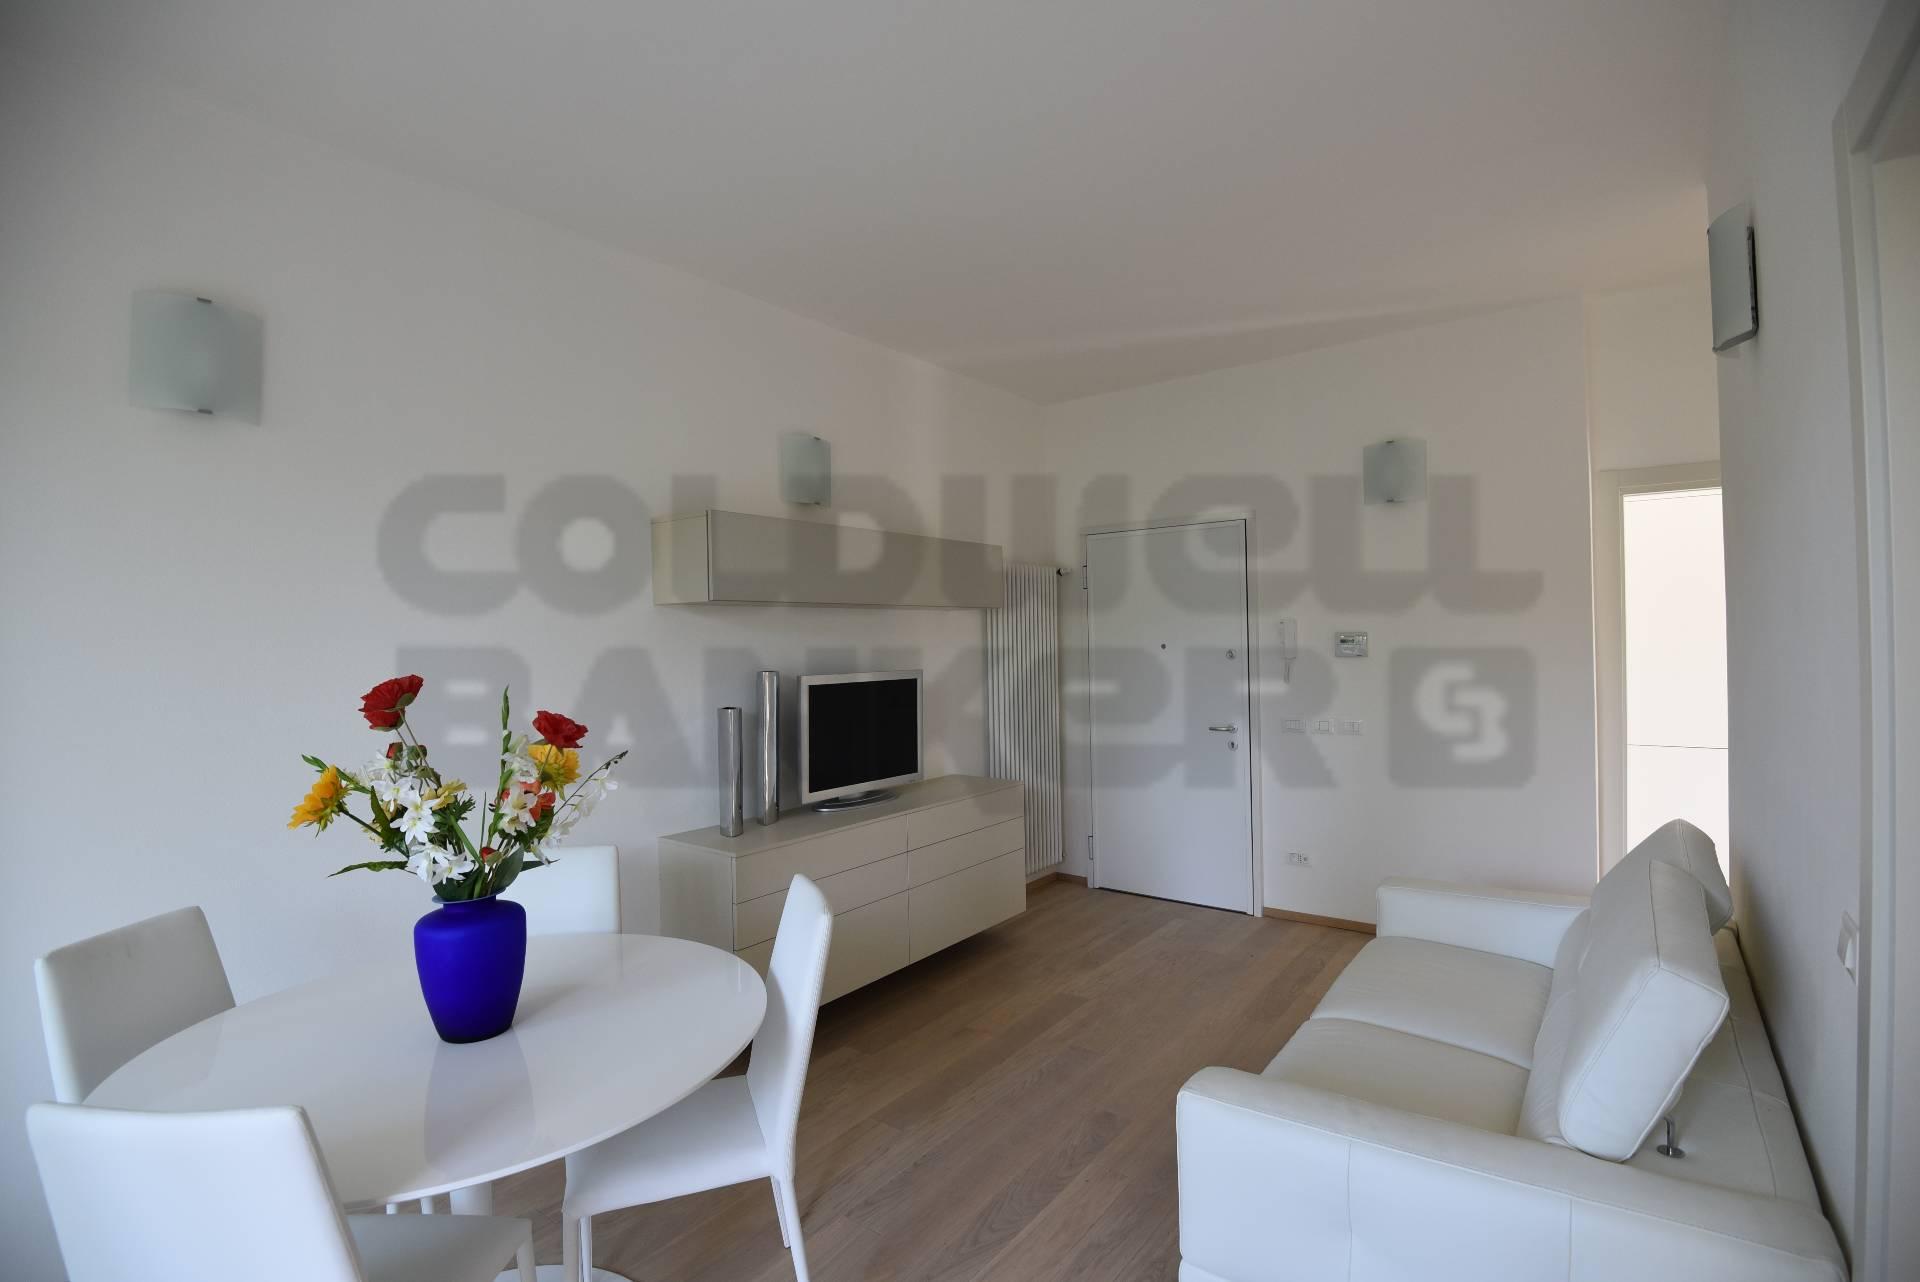 Appartamento in Vendita a Cervia: 4 locali, 73 mq - Foto 5